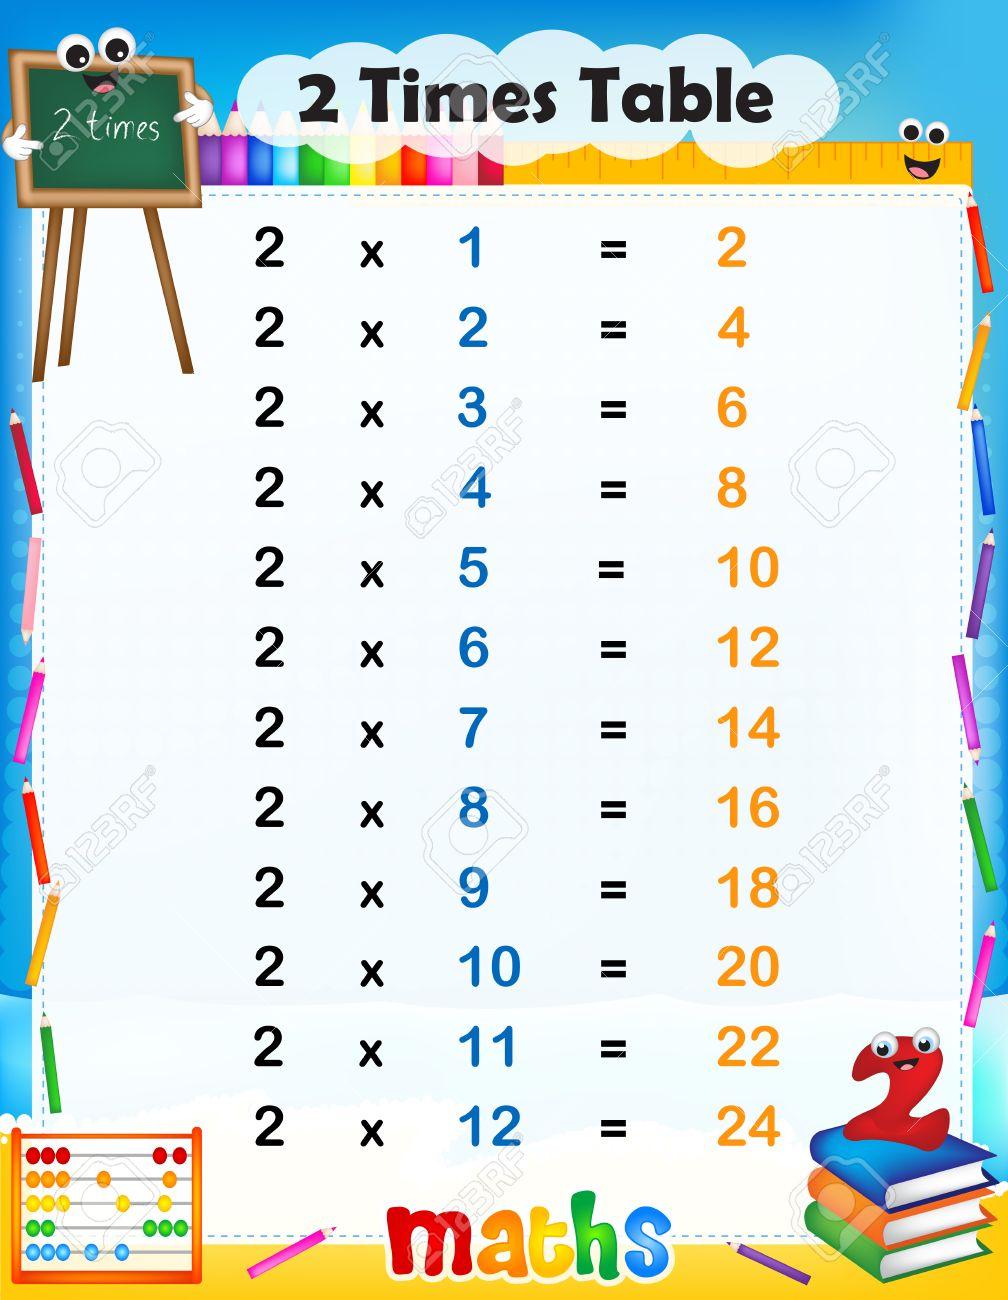 Ilustración De Una Tabla De Tiempos Matemáticas Lindo Y Colorido Con ...